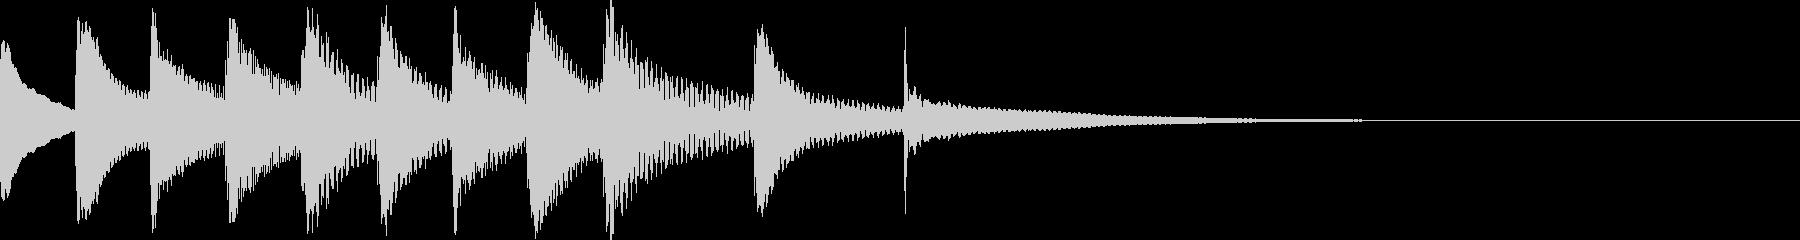 オープニング用サウンドロゴ105の未再生の波形